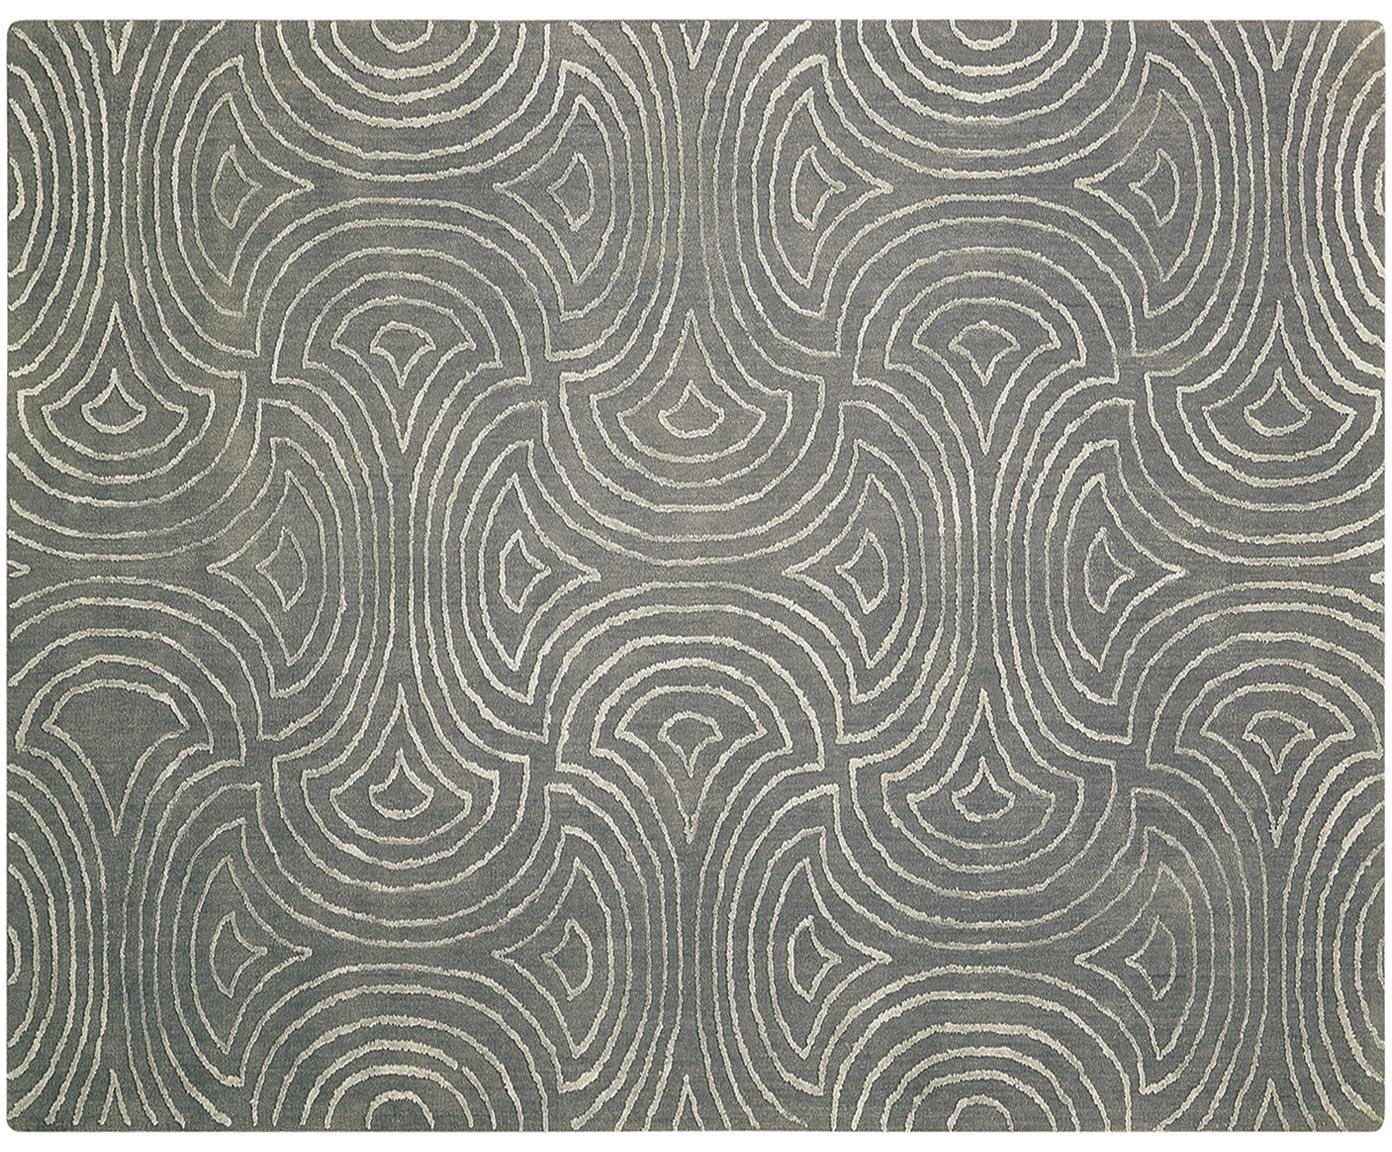 Handgetufteter Teppich Vita Illusion mit Hoch-Tief-Effekt, Flor: 90% Polyester, 10% Viskos, Moosgrün, B 245 x L 305 cm (Grösse L)